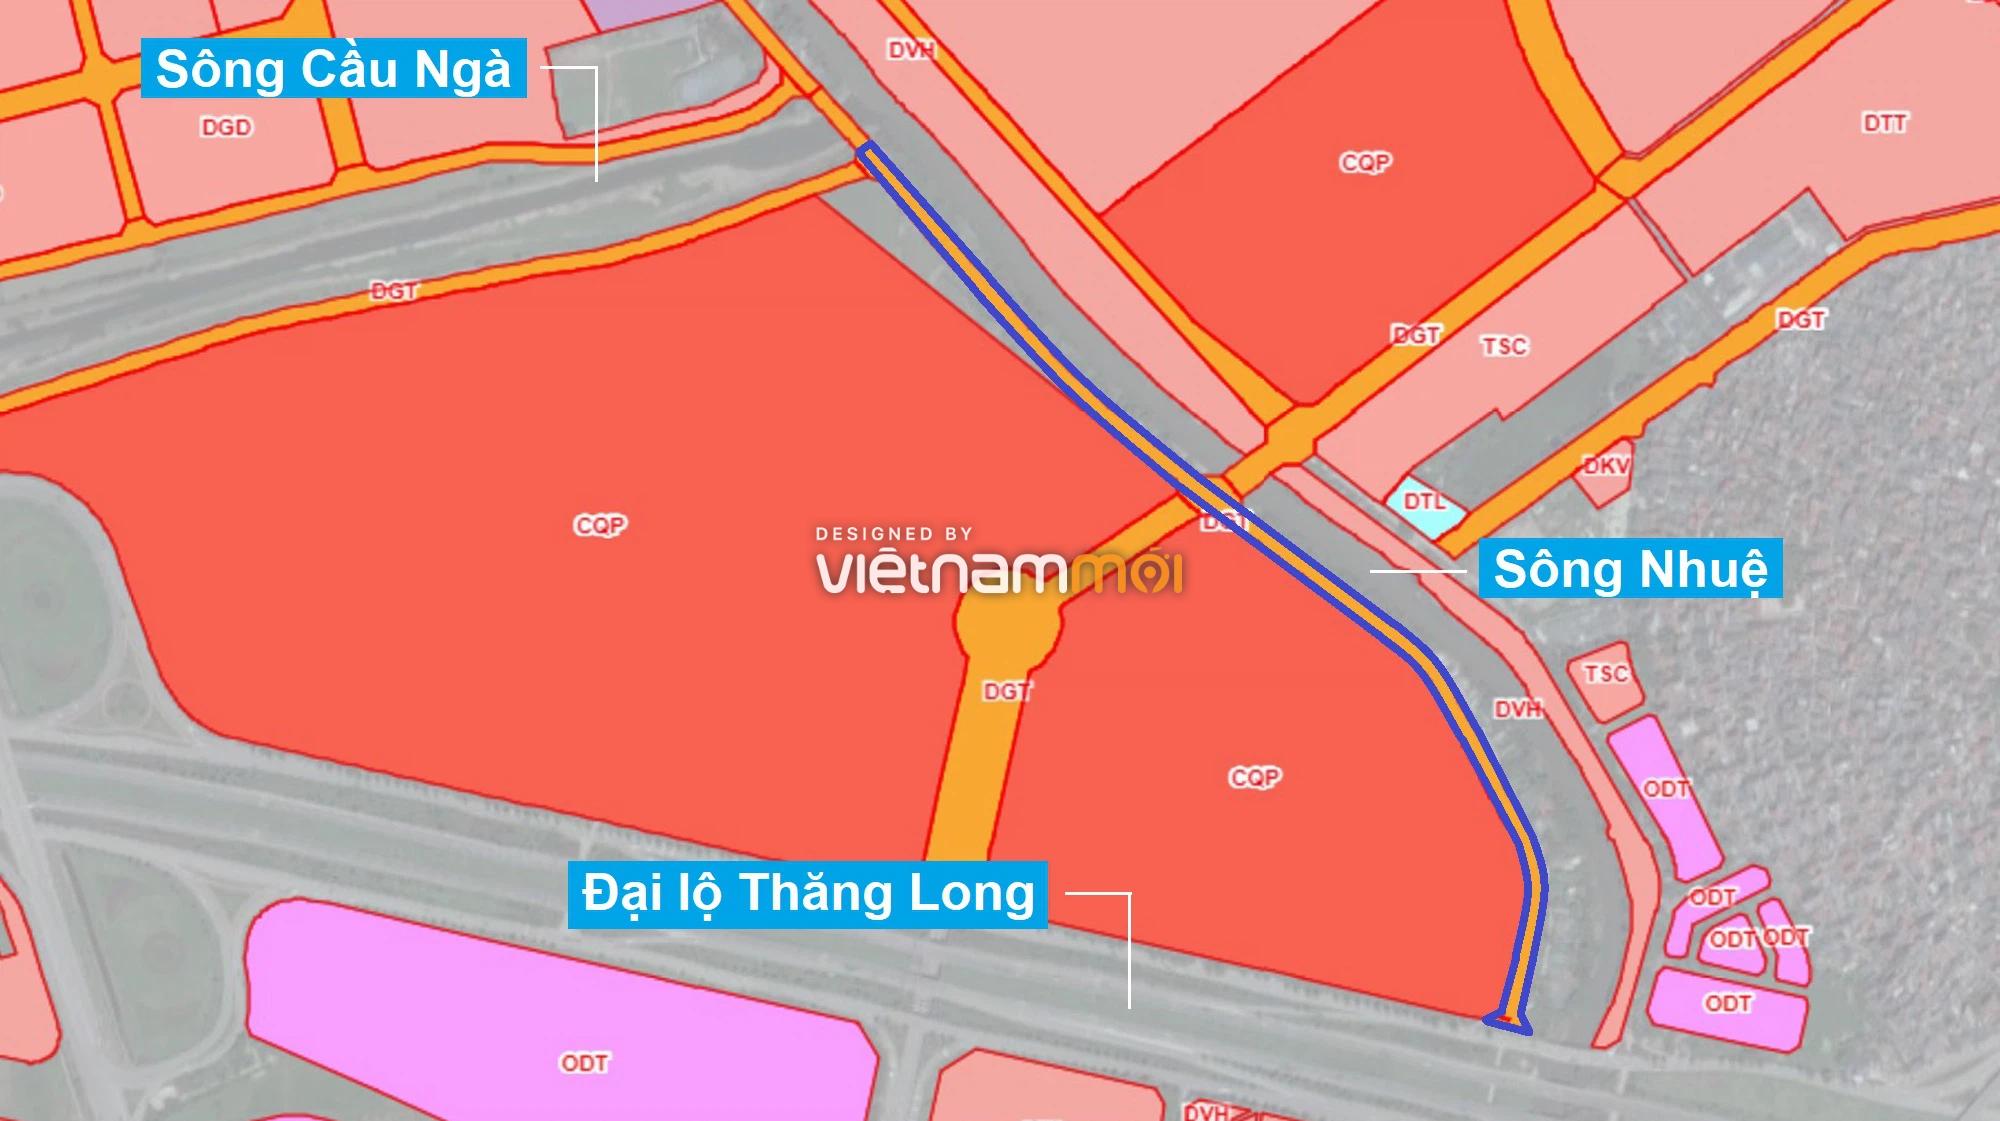 Những khu đất sắp thu hồi để mở đường ở phường Đại Mỗ, Nam Từ Liêm, Hà Nội (phần 1) - Ảnh 7.